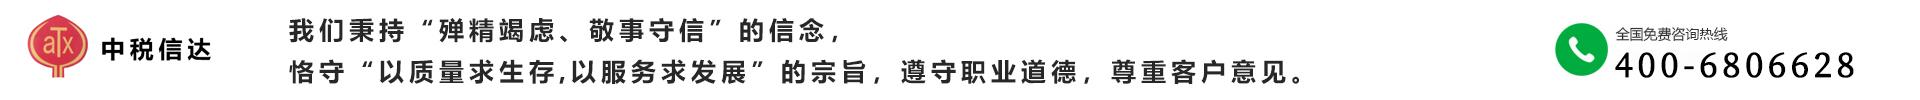 北京中税信达税务师事务所有限公司